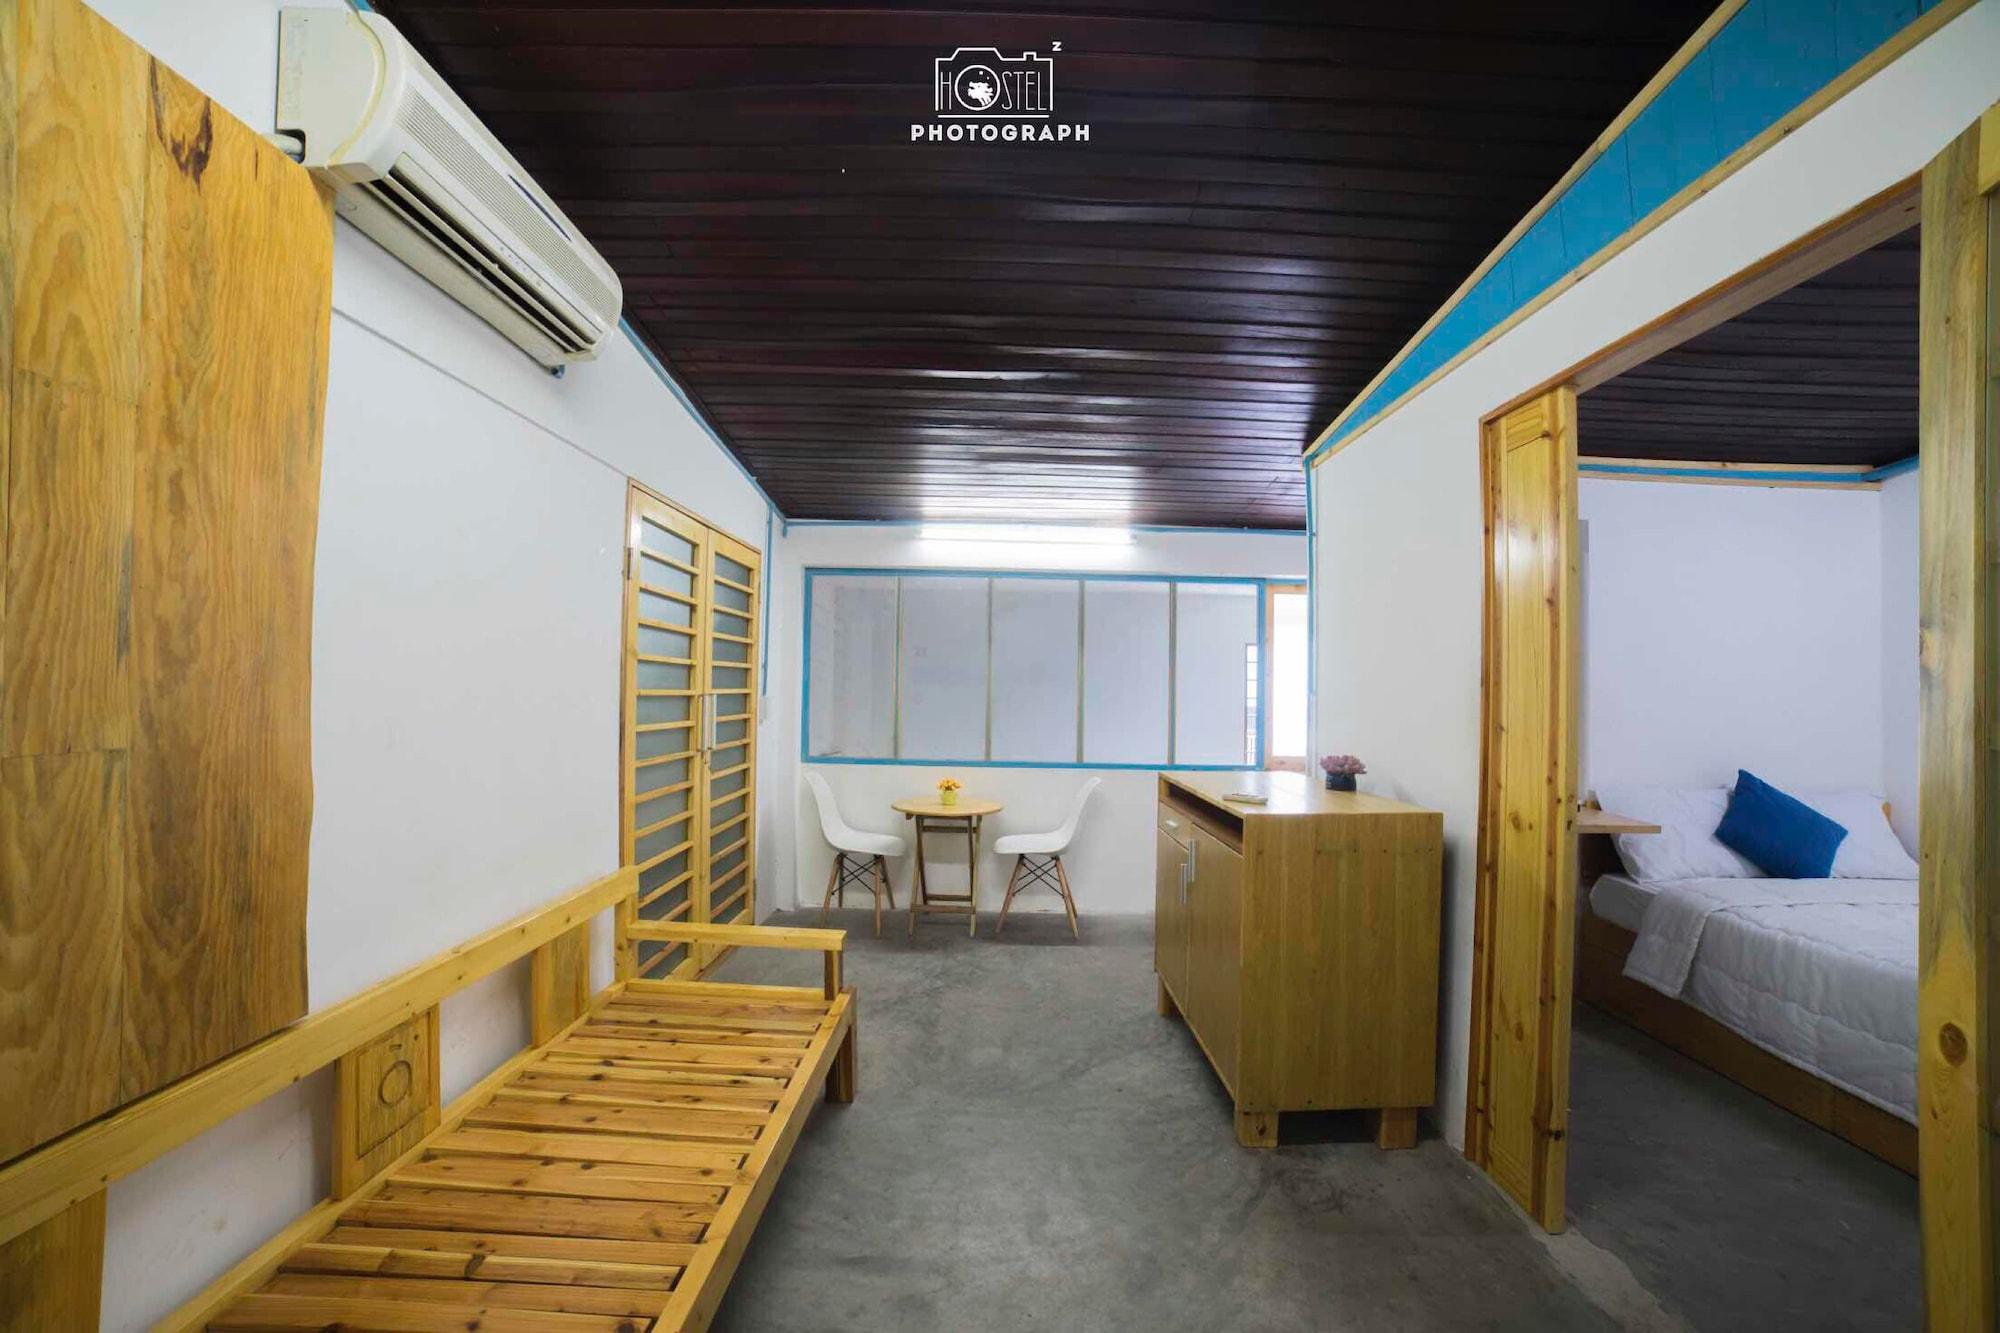 Photograph Hostel, Ngũ Hành Sơn